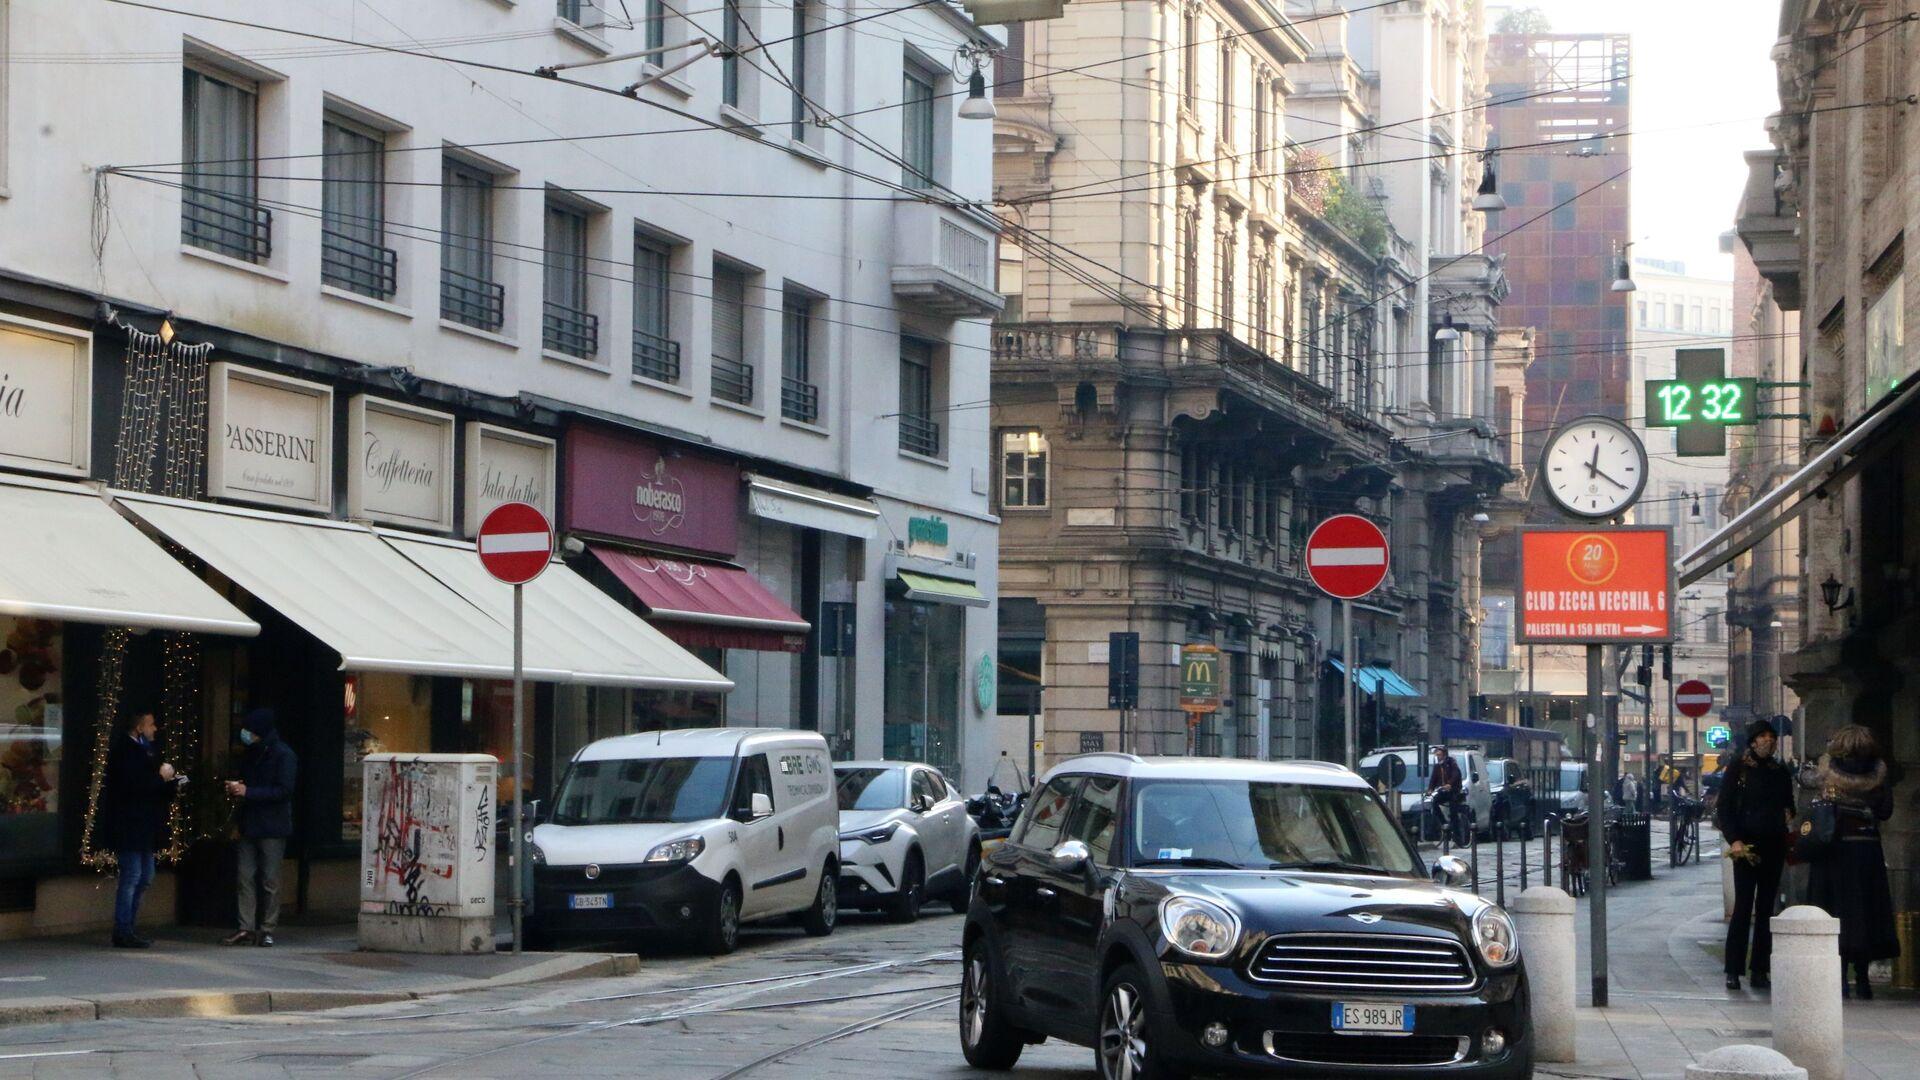 Automobili in una strada di Milano - Sputnik Italia, 1920, 02.07.2021